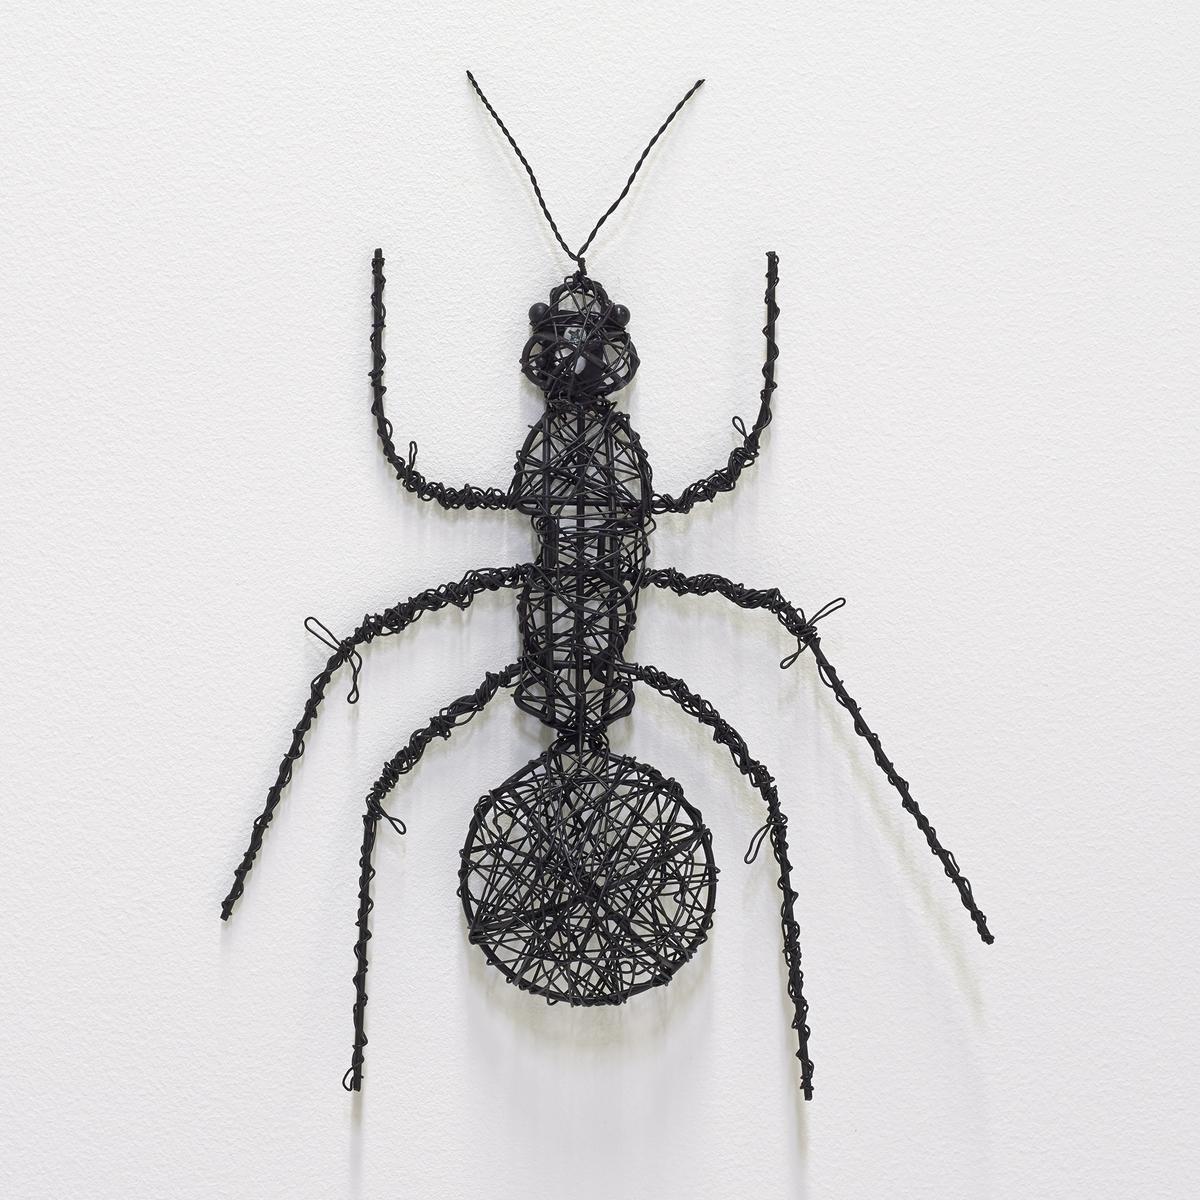 Насекомое металлическое MichiМуравей. Из чёрного металла.Можно поставить или прикрепить на стену.Размеры:. 19 x 28 x 3 см.<br><br>Цвет: металл черный<br>Размер: единый размер